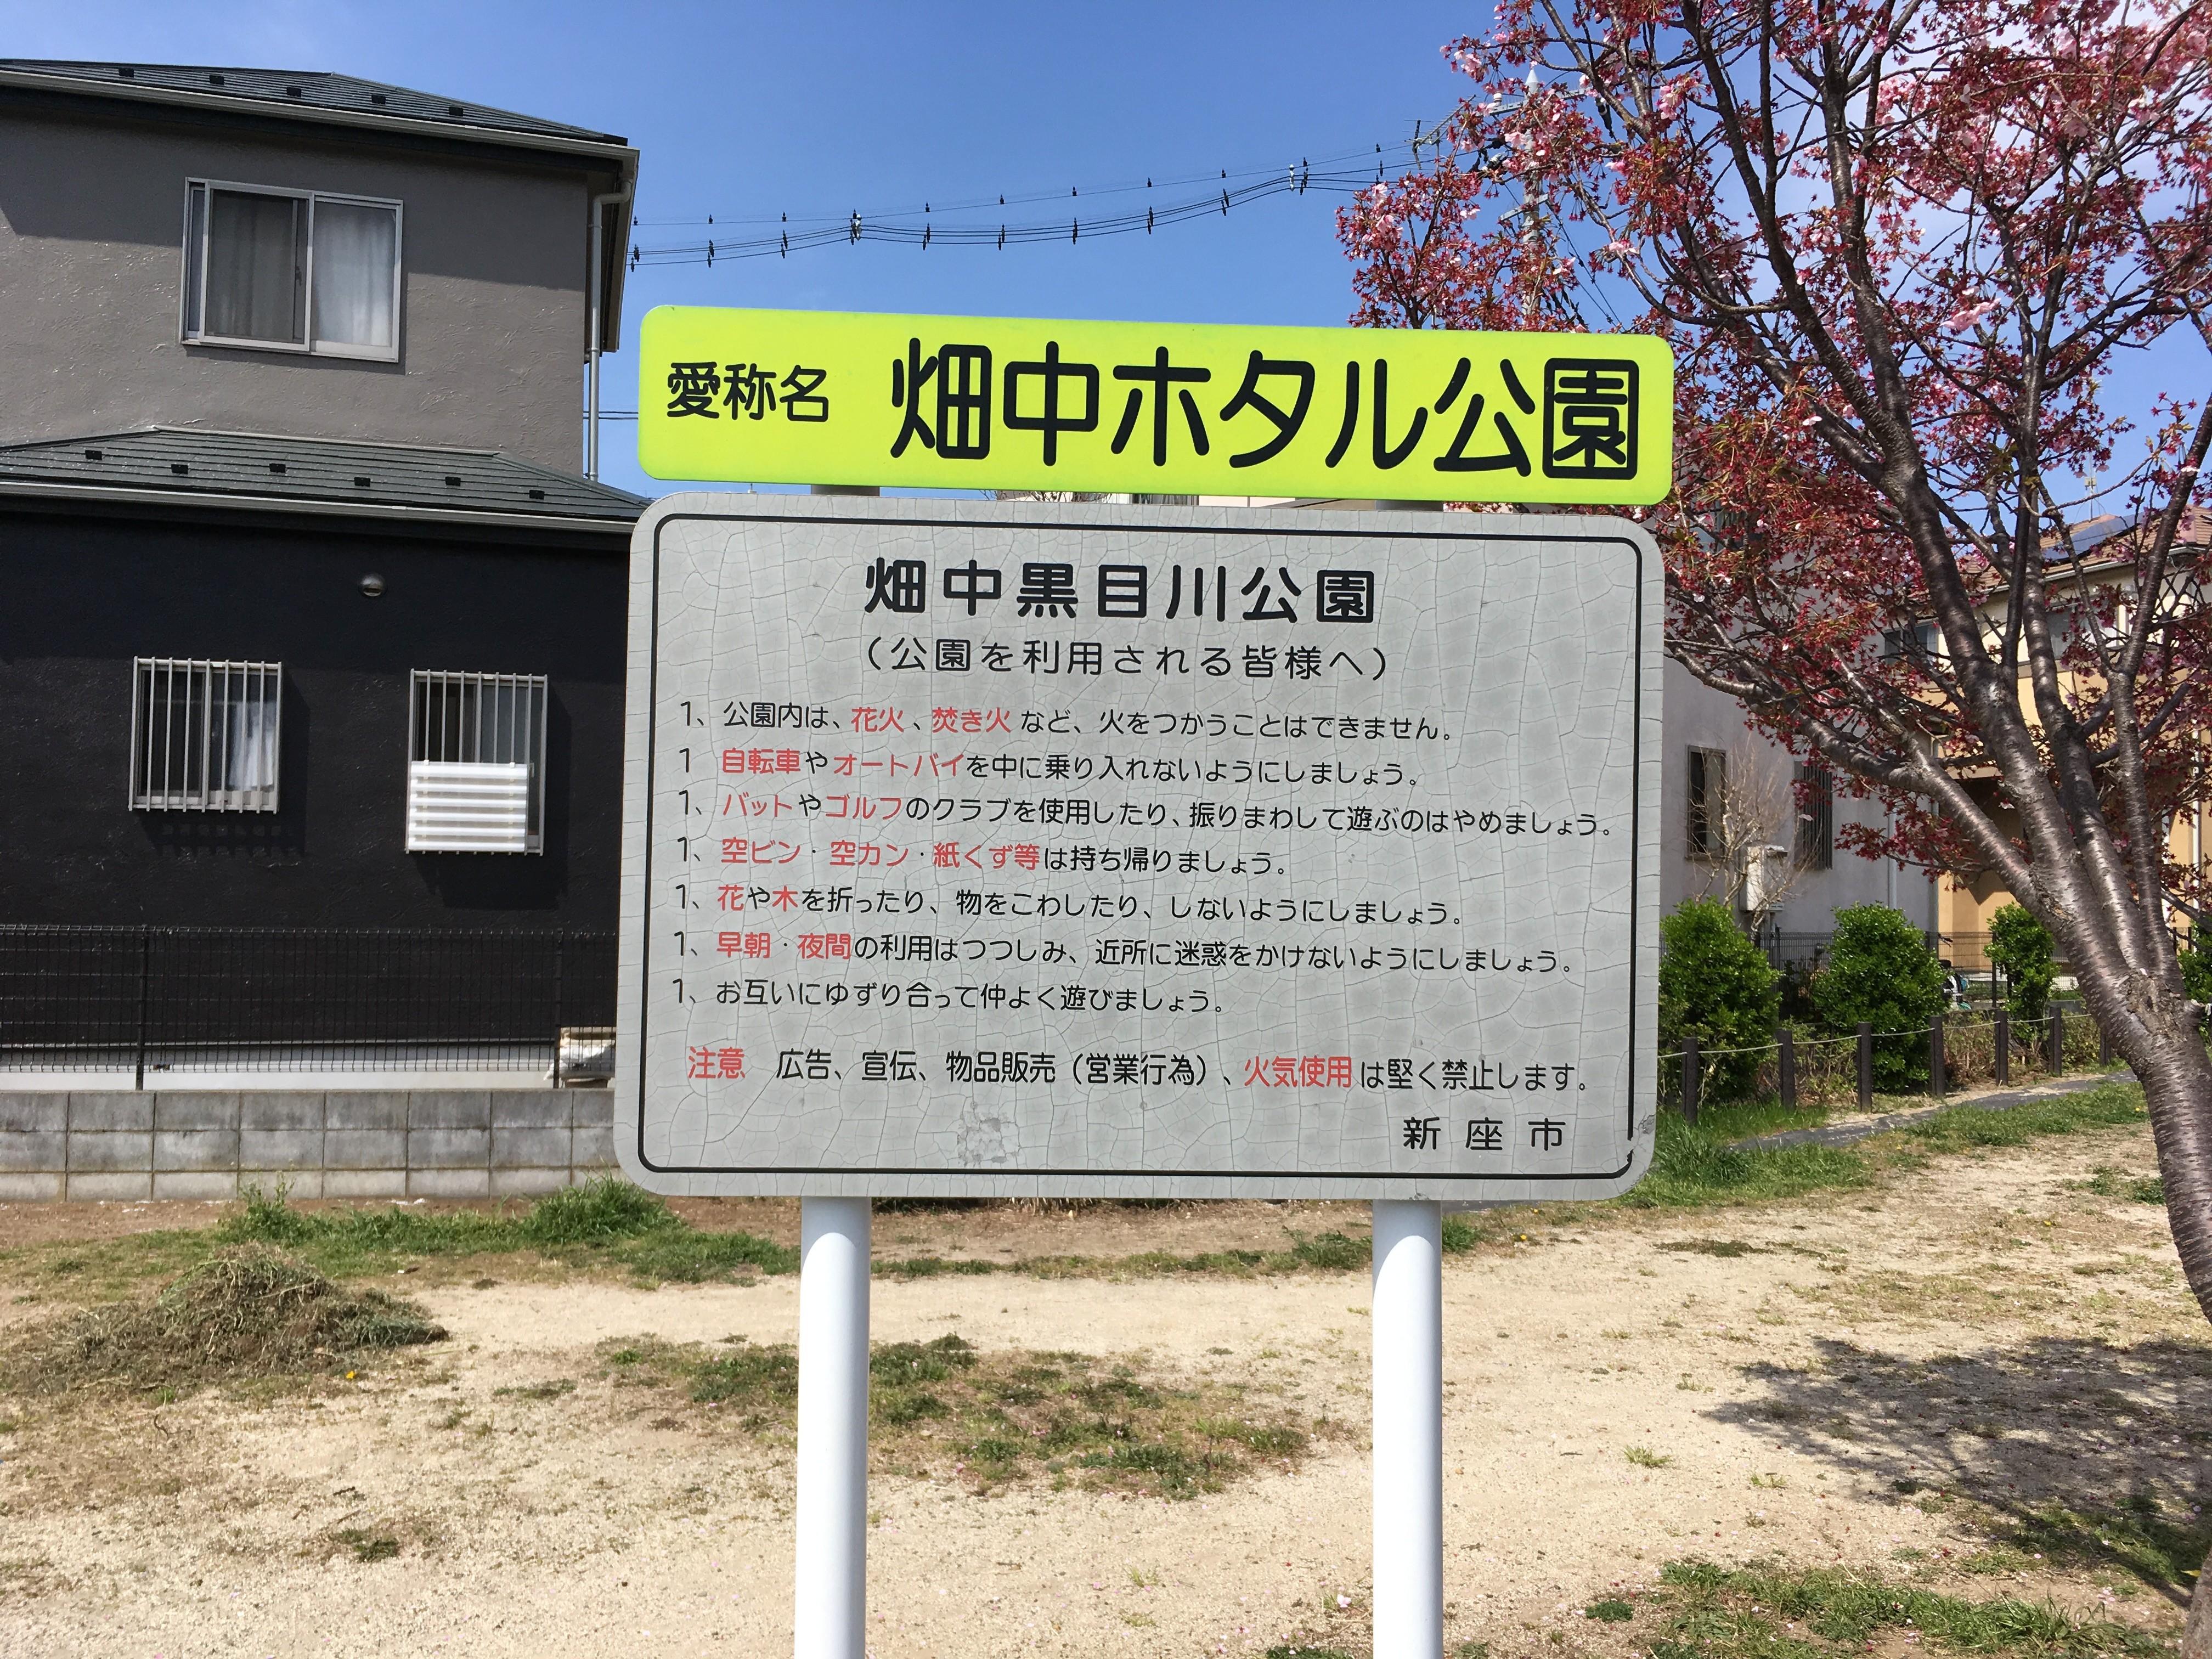 黒目川遊歩道の畑中ホタル公園(畑中黒目川公園)